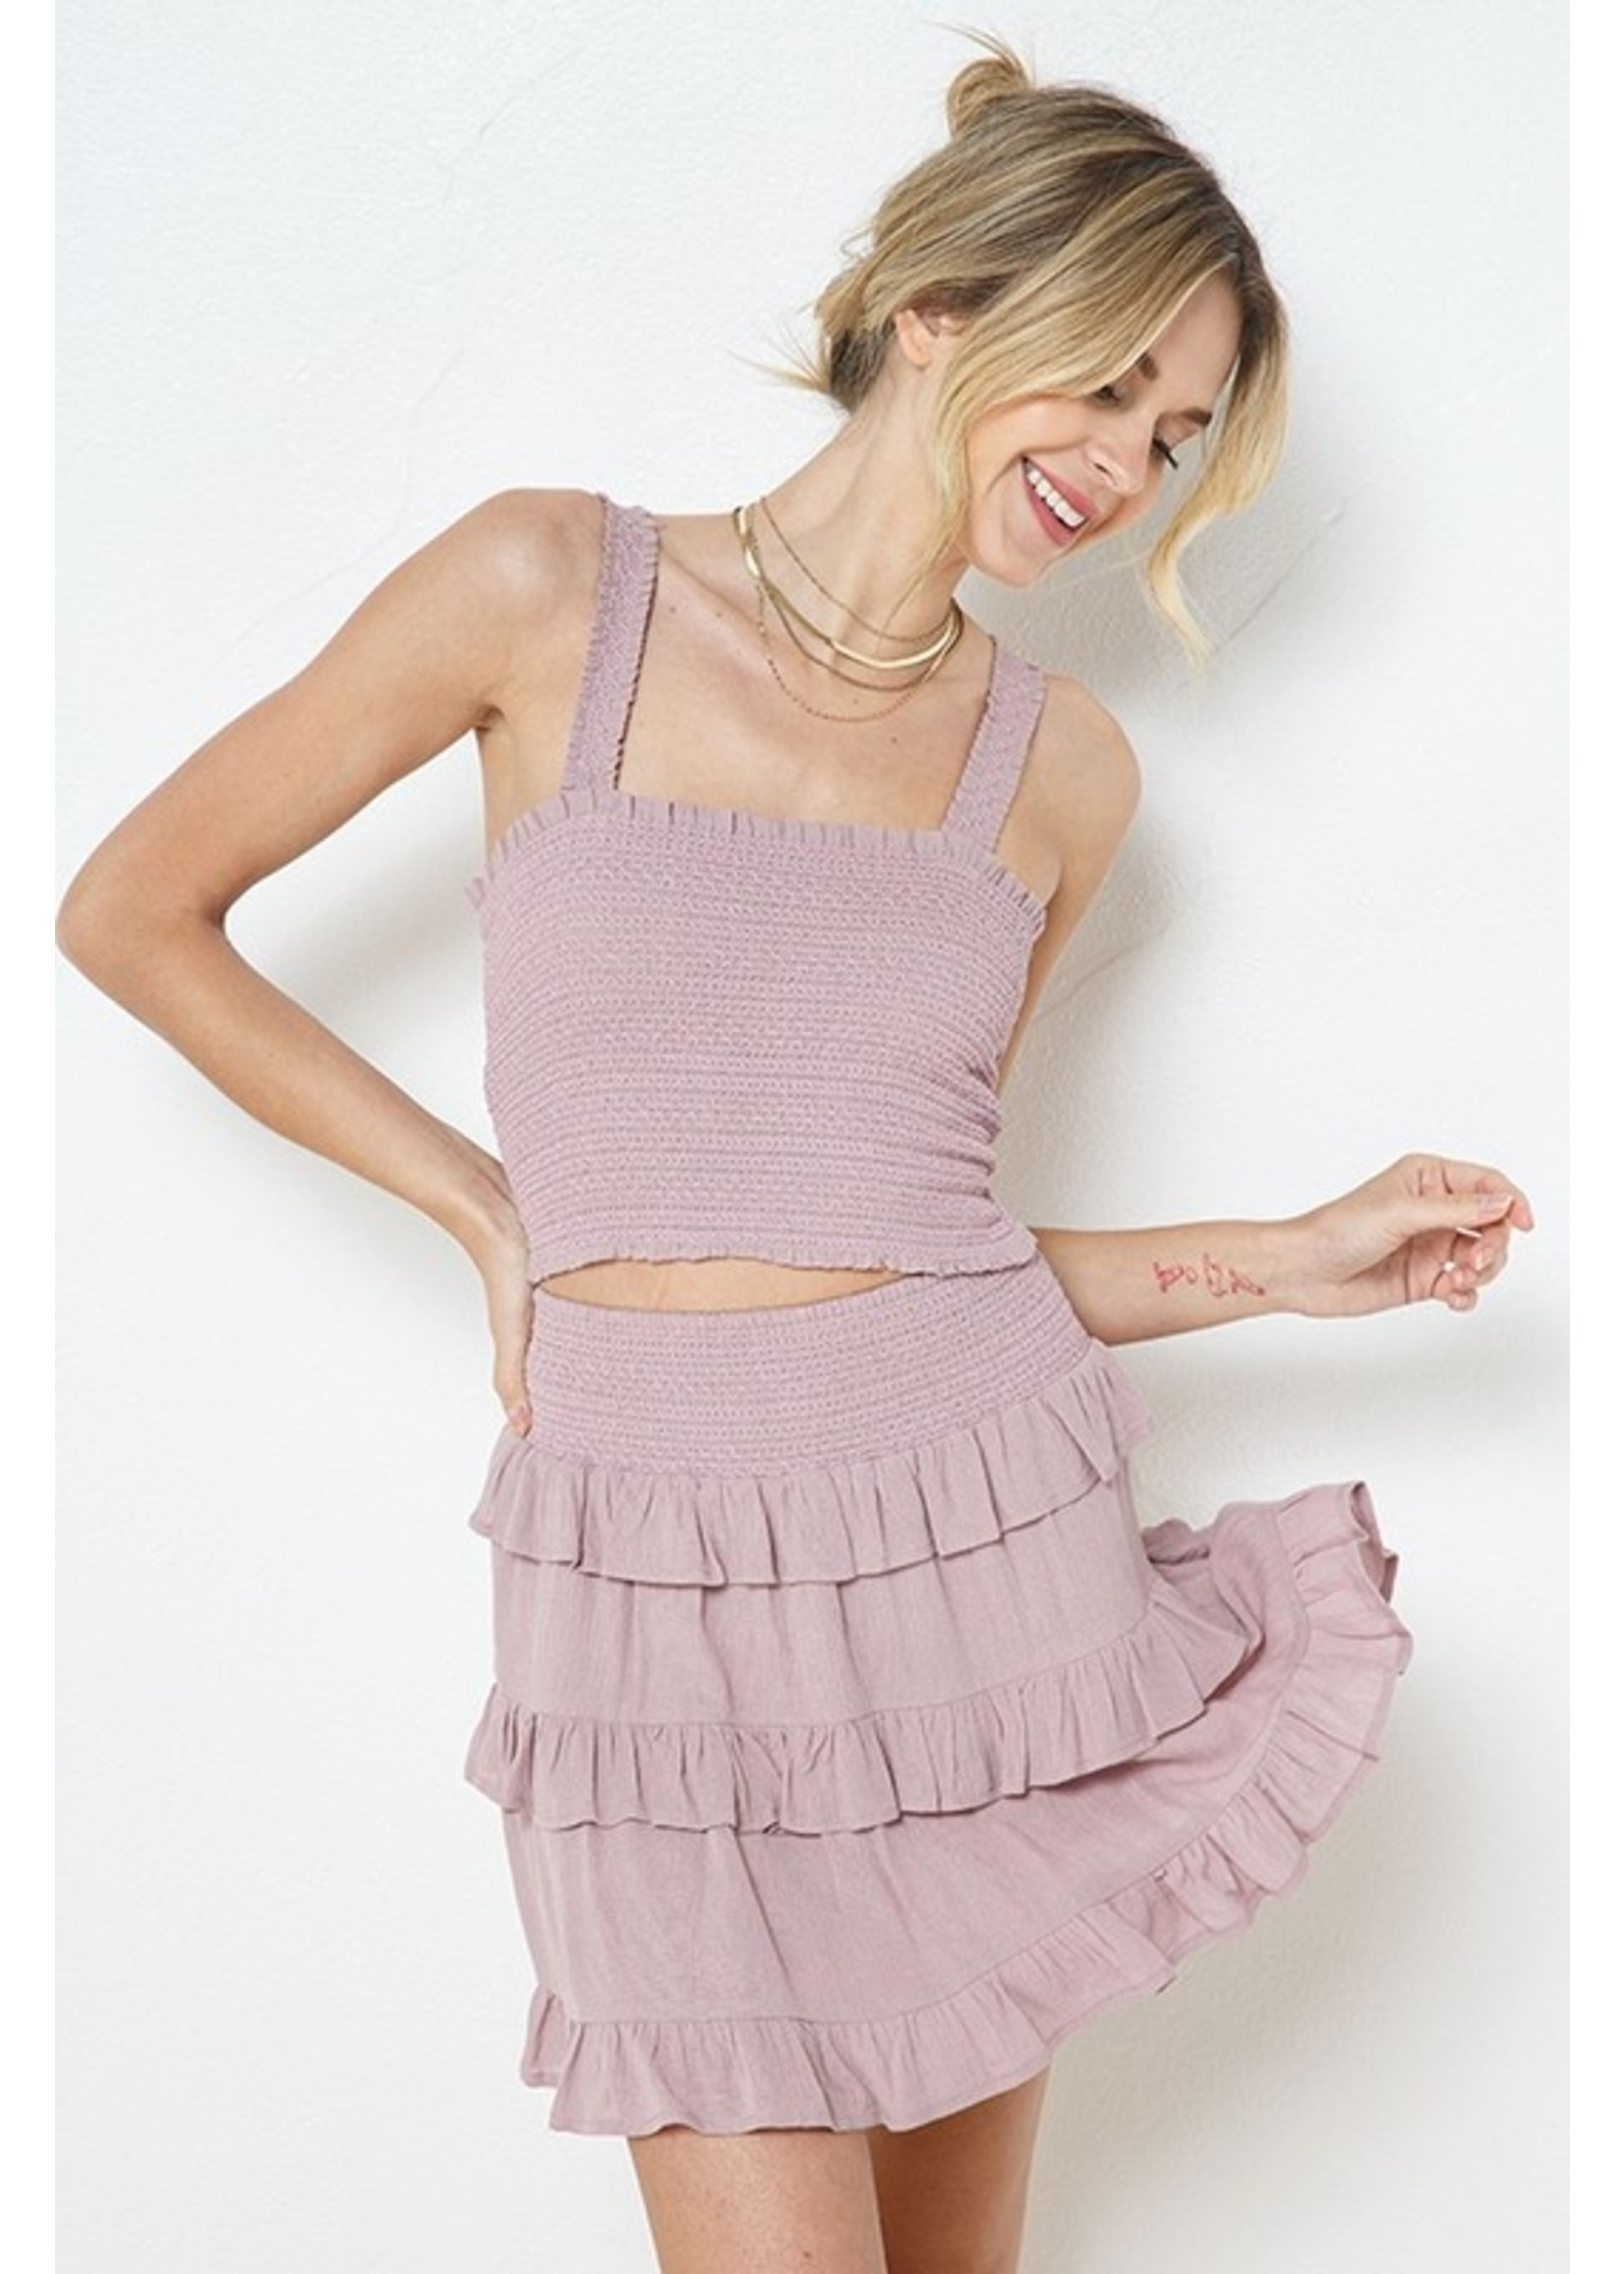 Illa Illa Embroidered Top and Skirt SET - IM5992